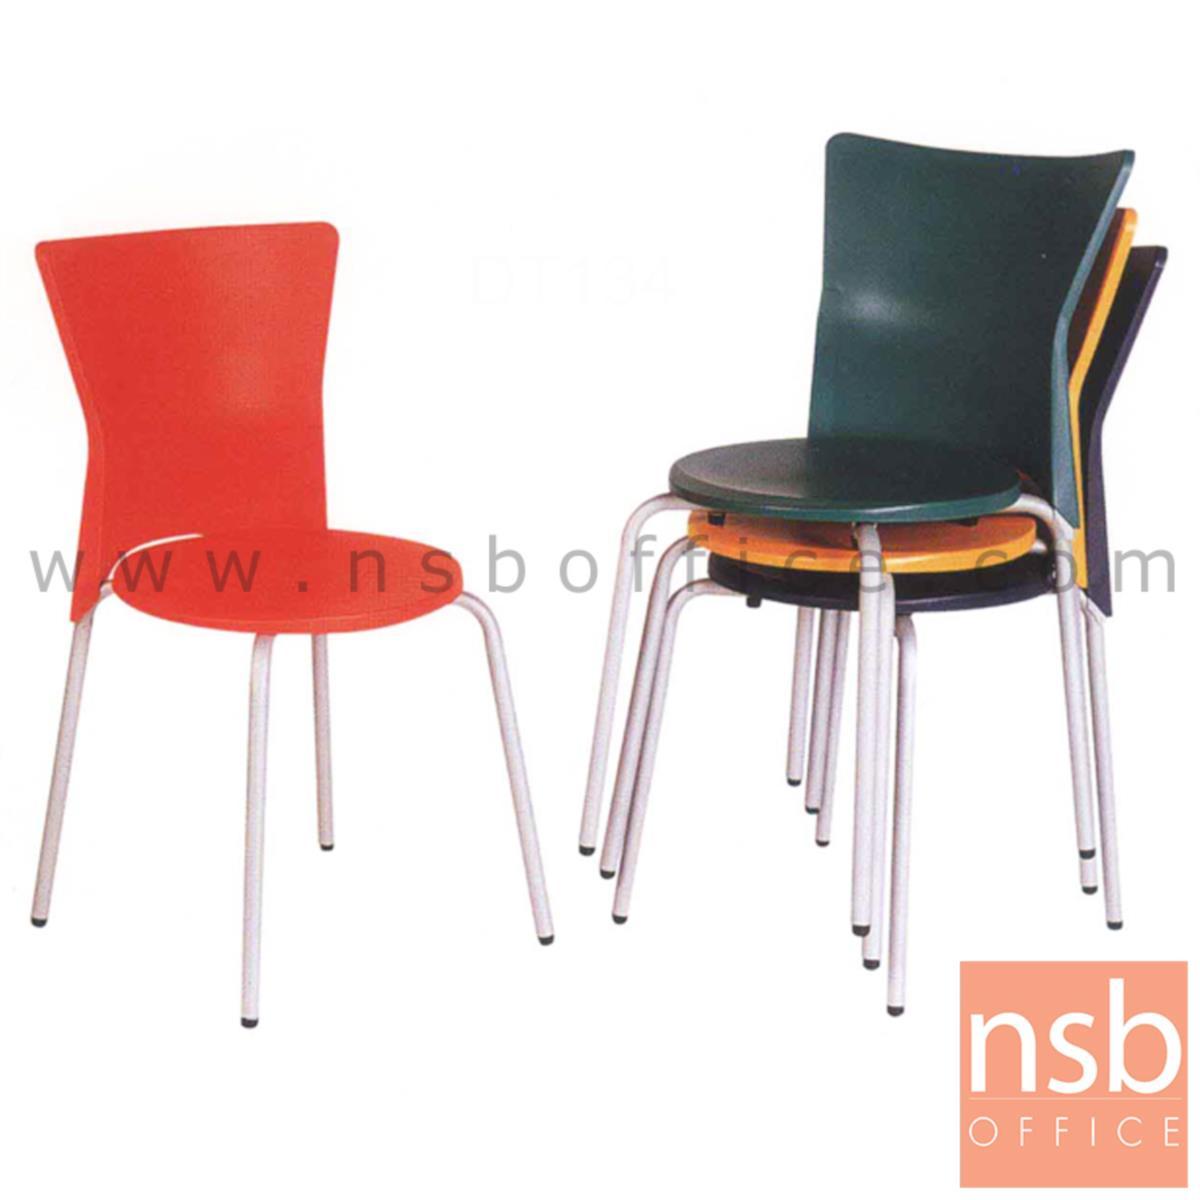 B05A066:เก้าอี้อเนกประสงค์เฟรมโพลี่ รุ่น TD-431  ขาเหล็กพ่นสีบรอนซ์